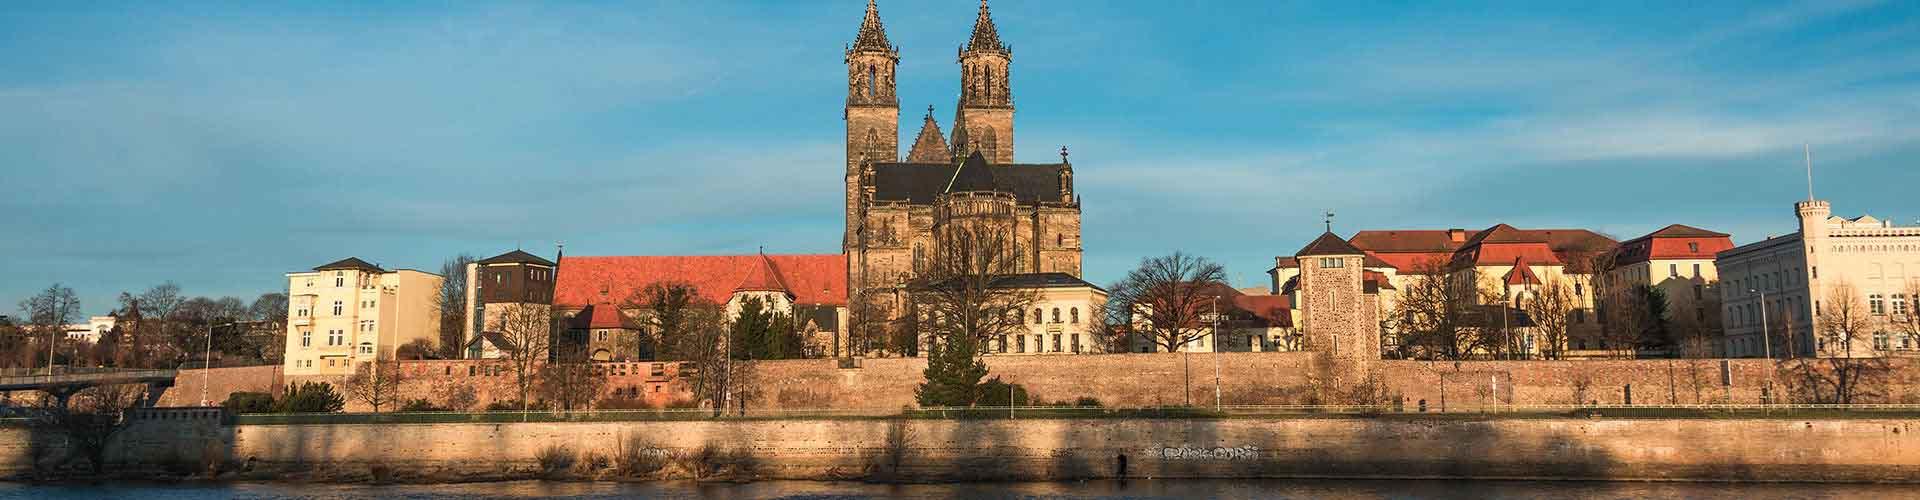 Magdeburg – Camping em Magdeburg. Mapas para Magdeburg, Fotos e Avaliações para cada camping em Magdeburg.